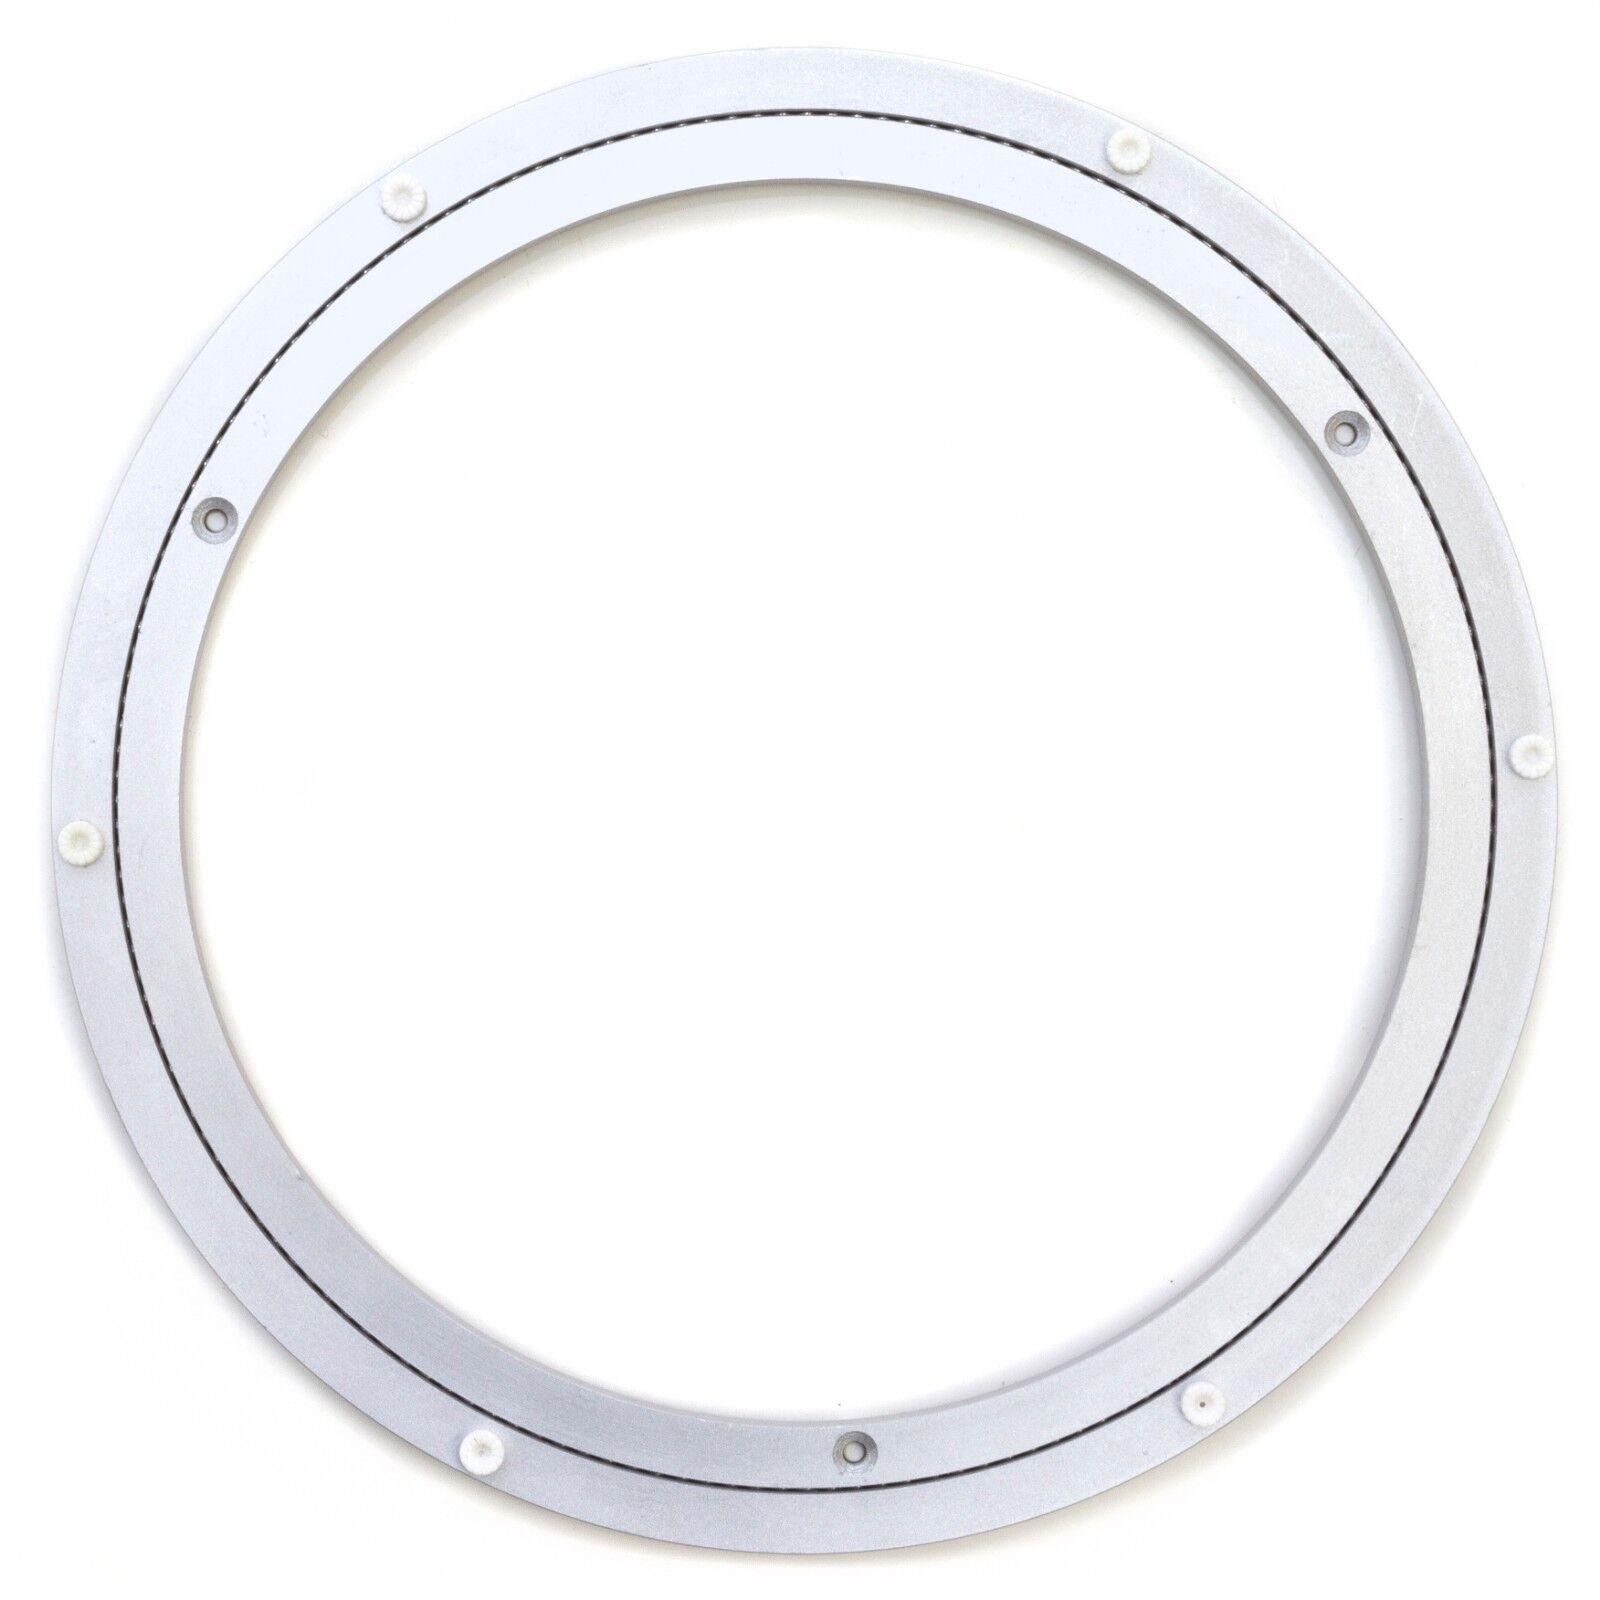 30.5cm 300MM Lazy Susan Rotierender Aluminium-Drehteller Lager Rund - UK | Fein Verarbeitet